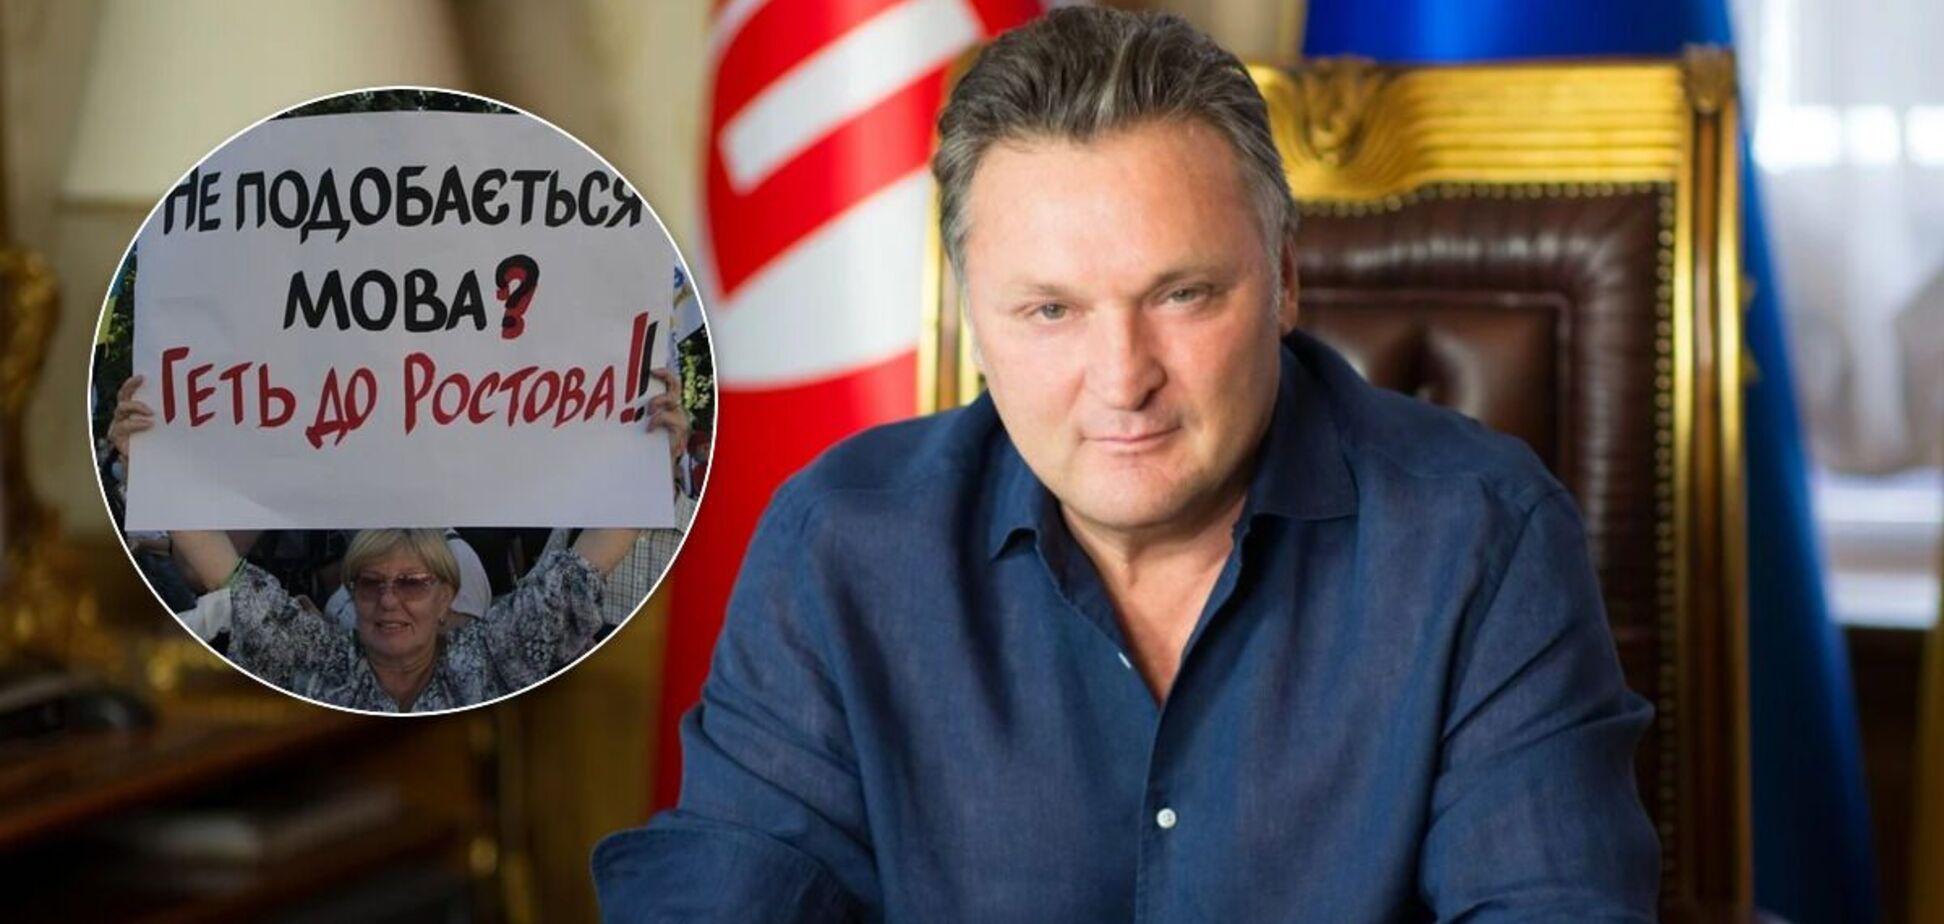 Балашов обізвав 'тварюками' людей, які просять перейти на українську